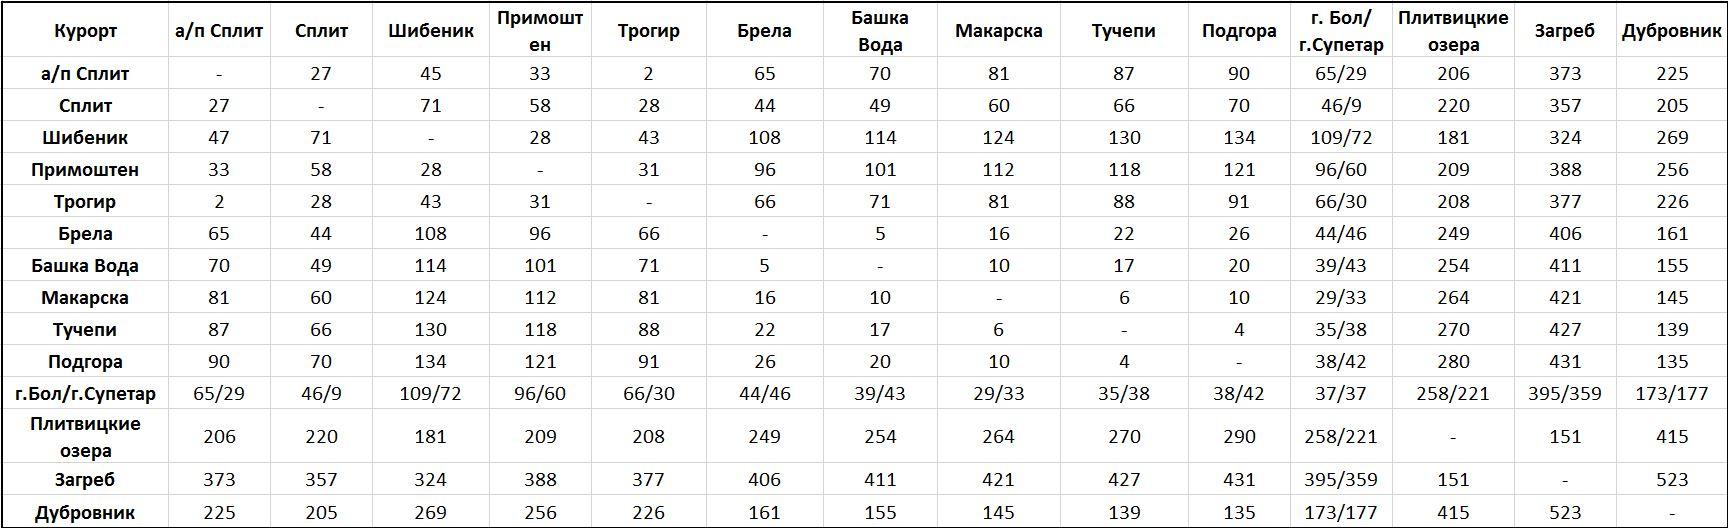 croatia-distance-4